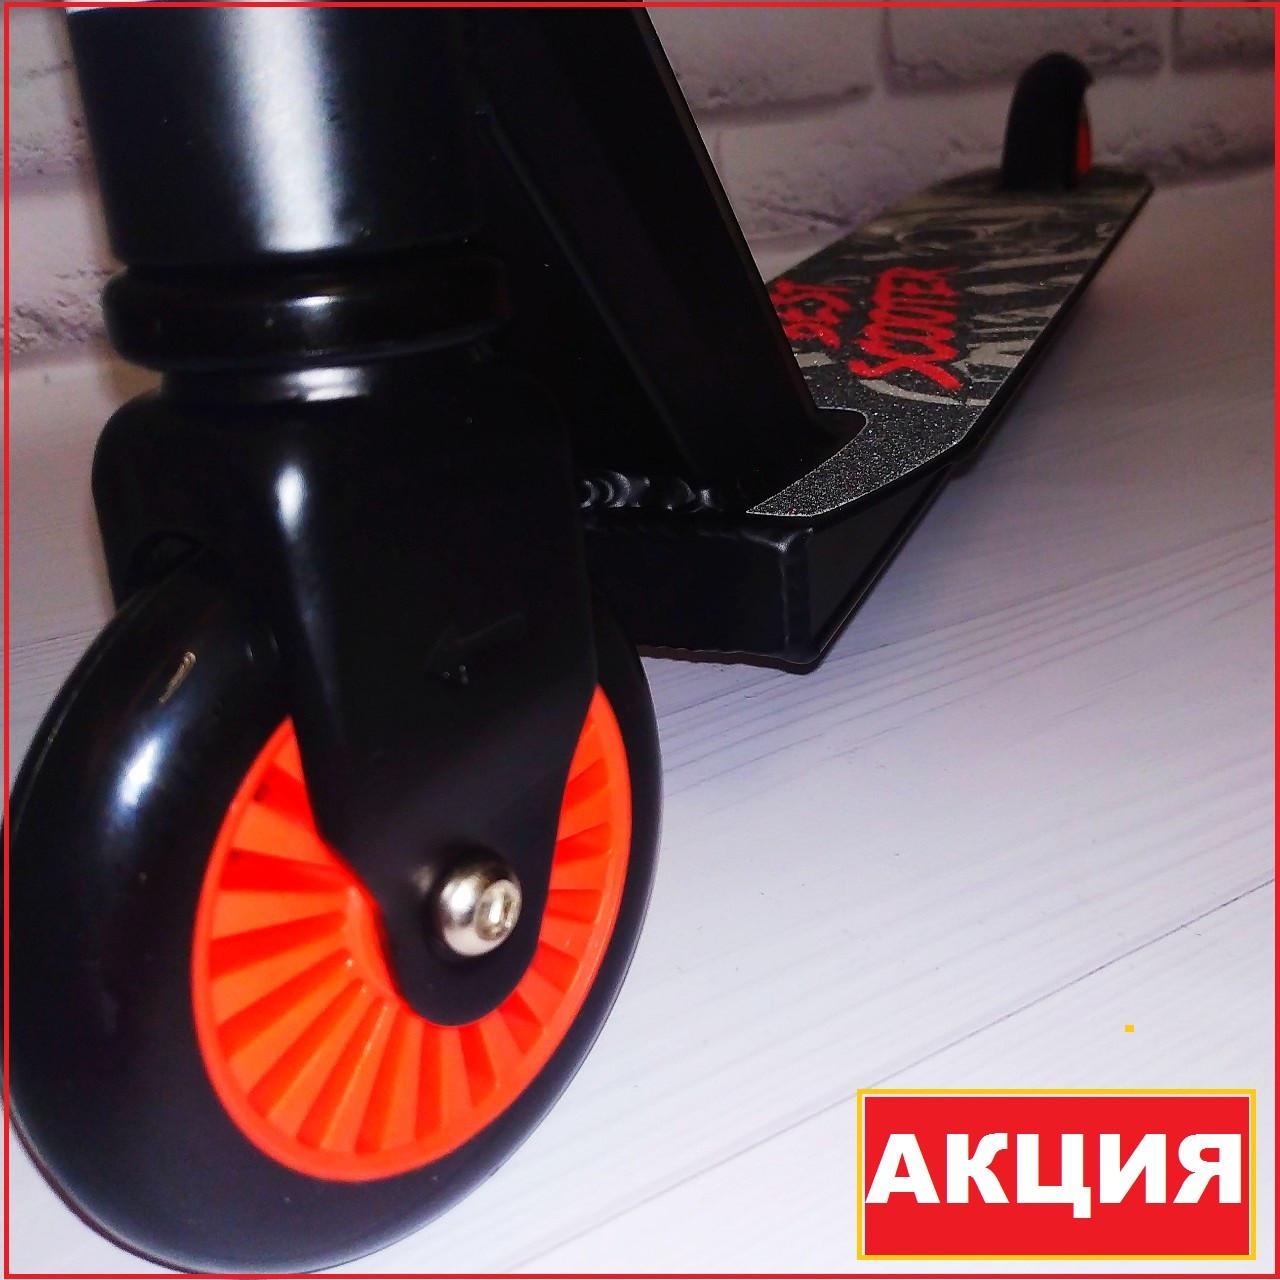 Самокат трюковый, усиленная рама и руль. Колесо 100 мм